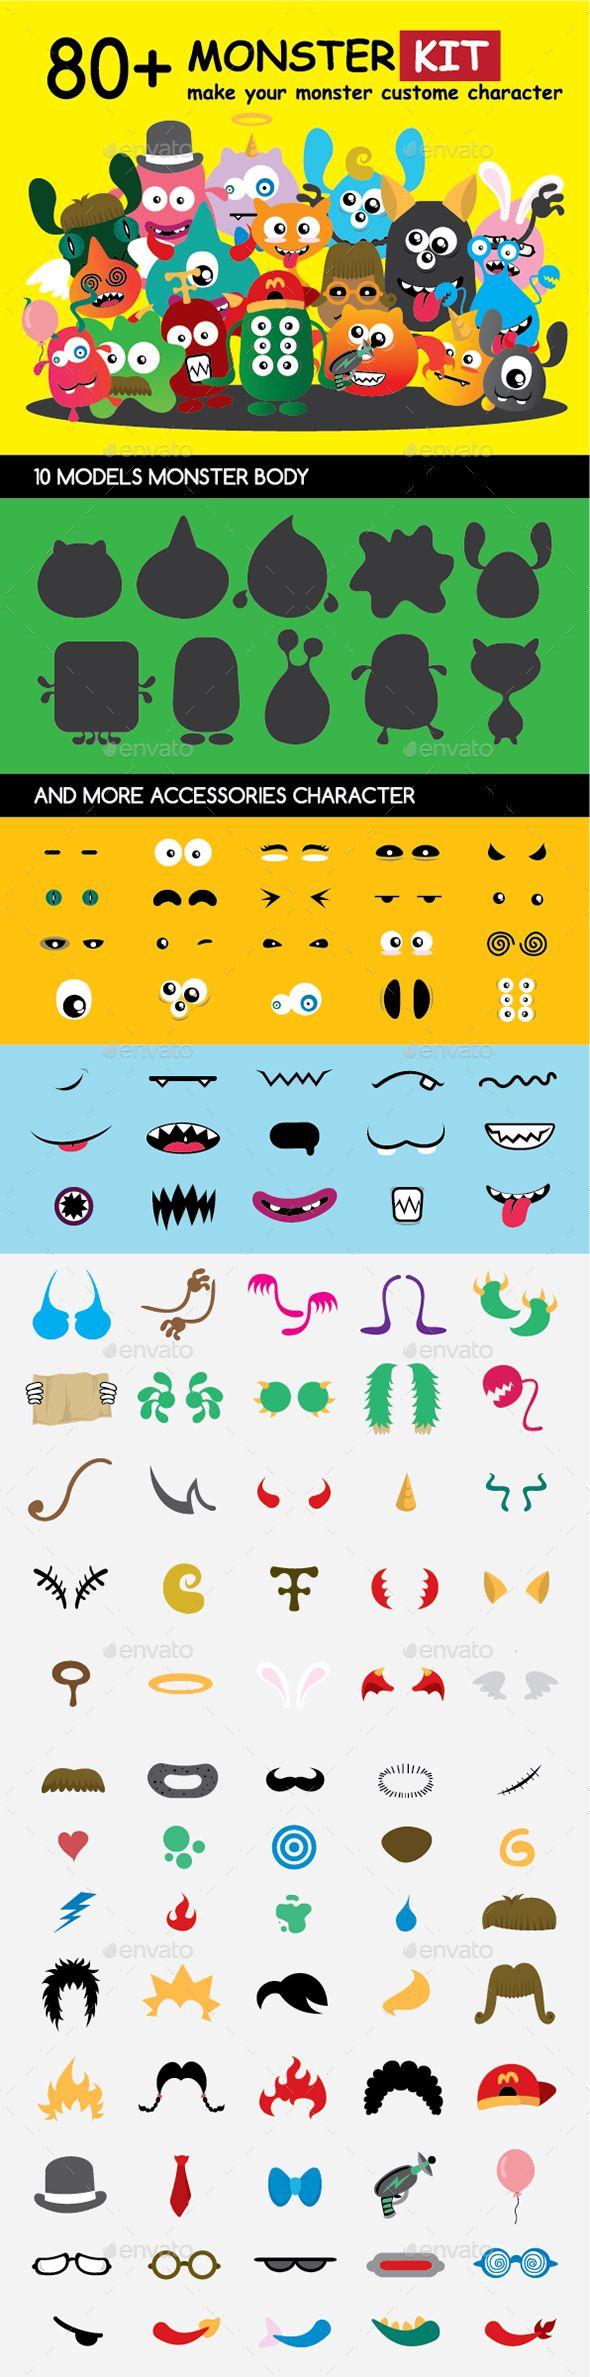 Monster Character Kit 1.0